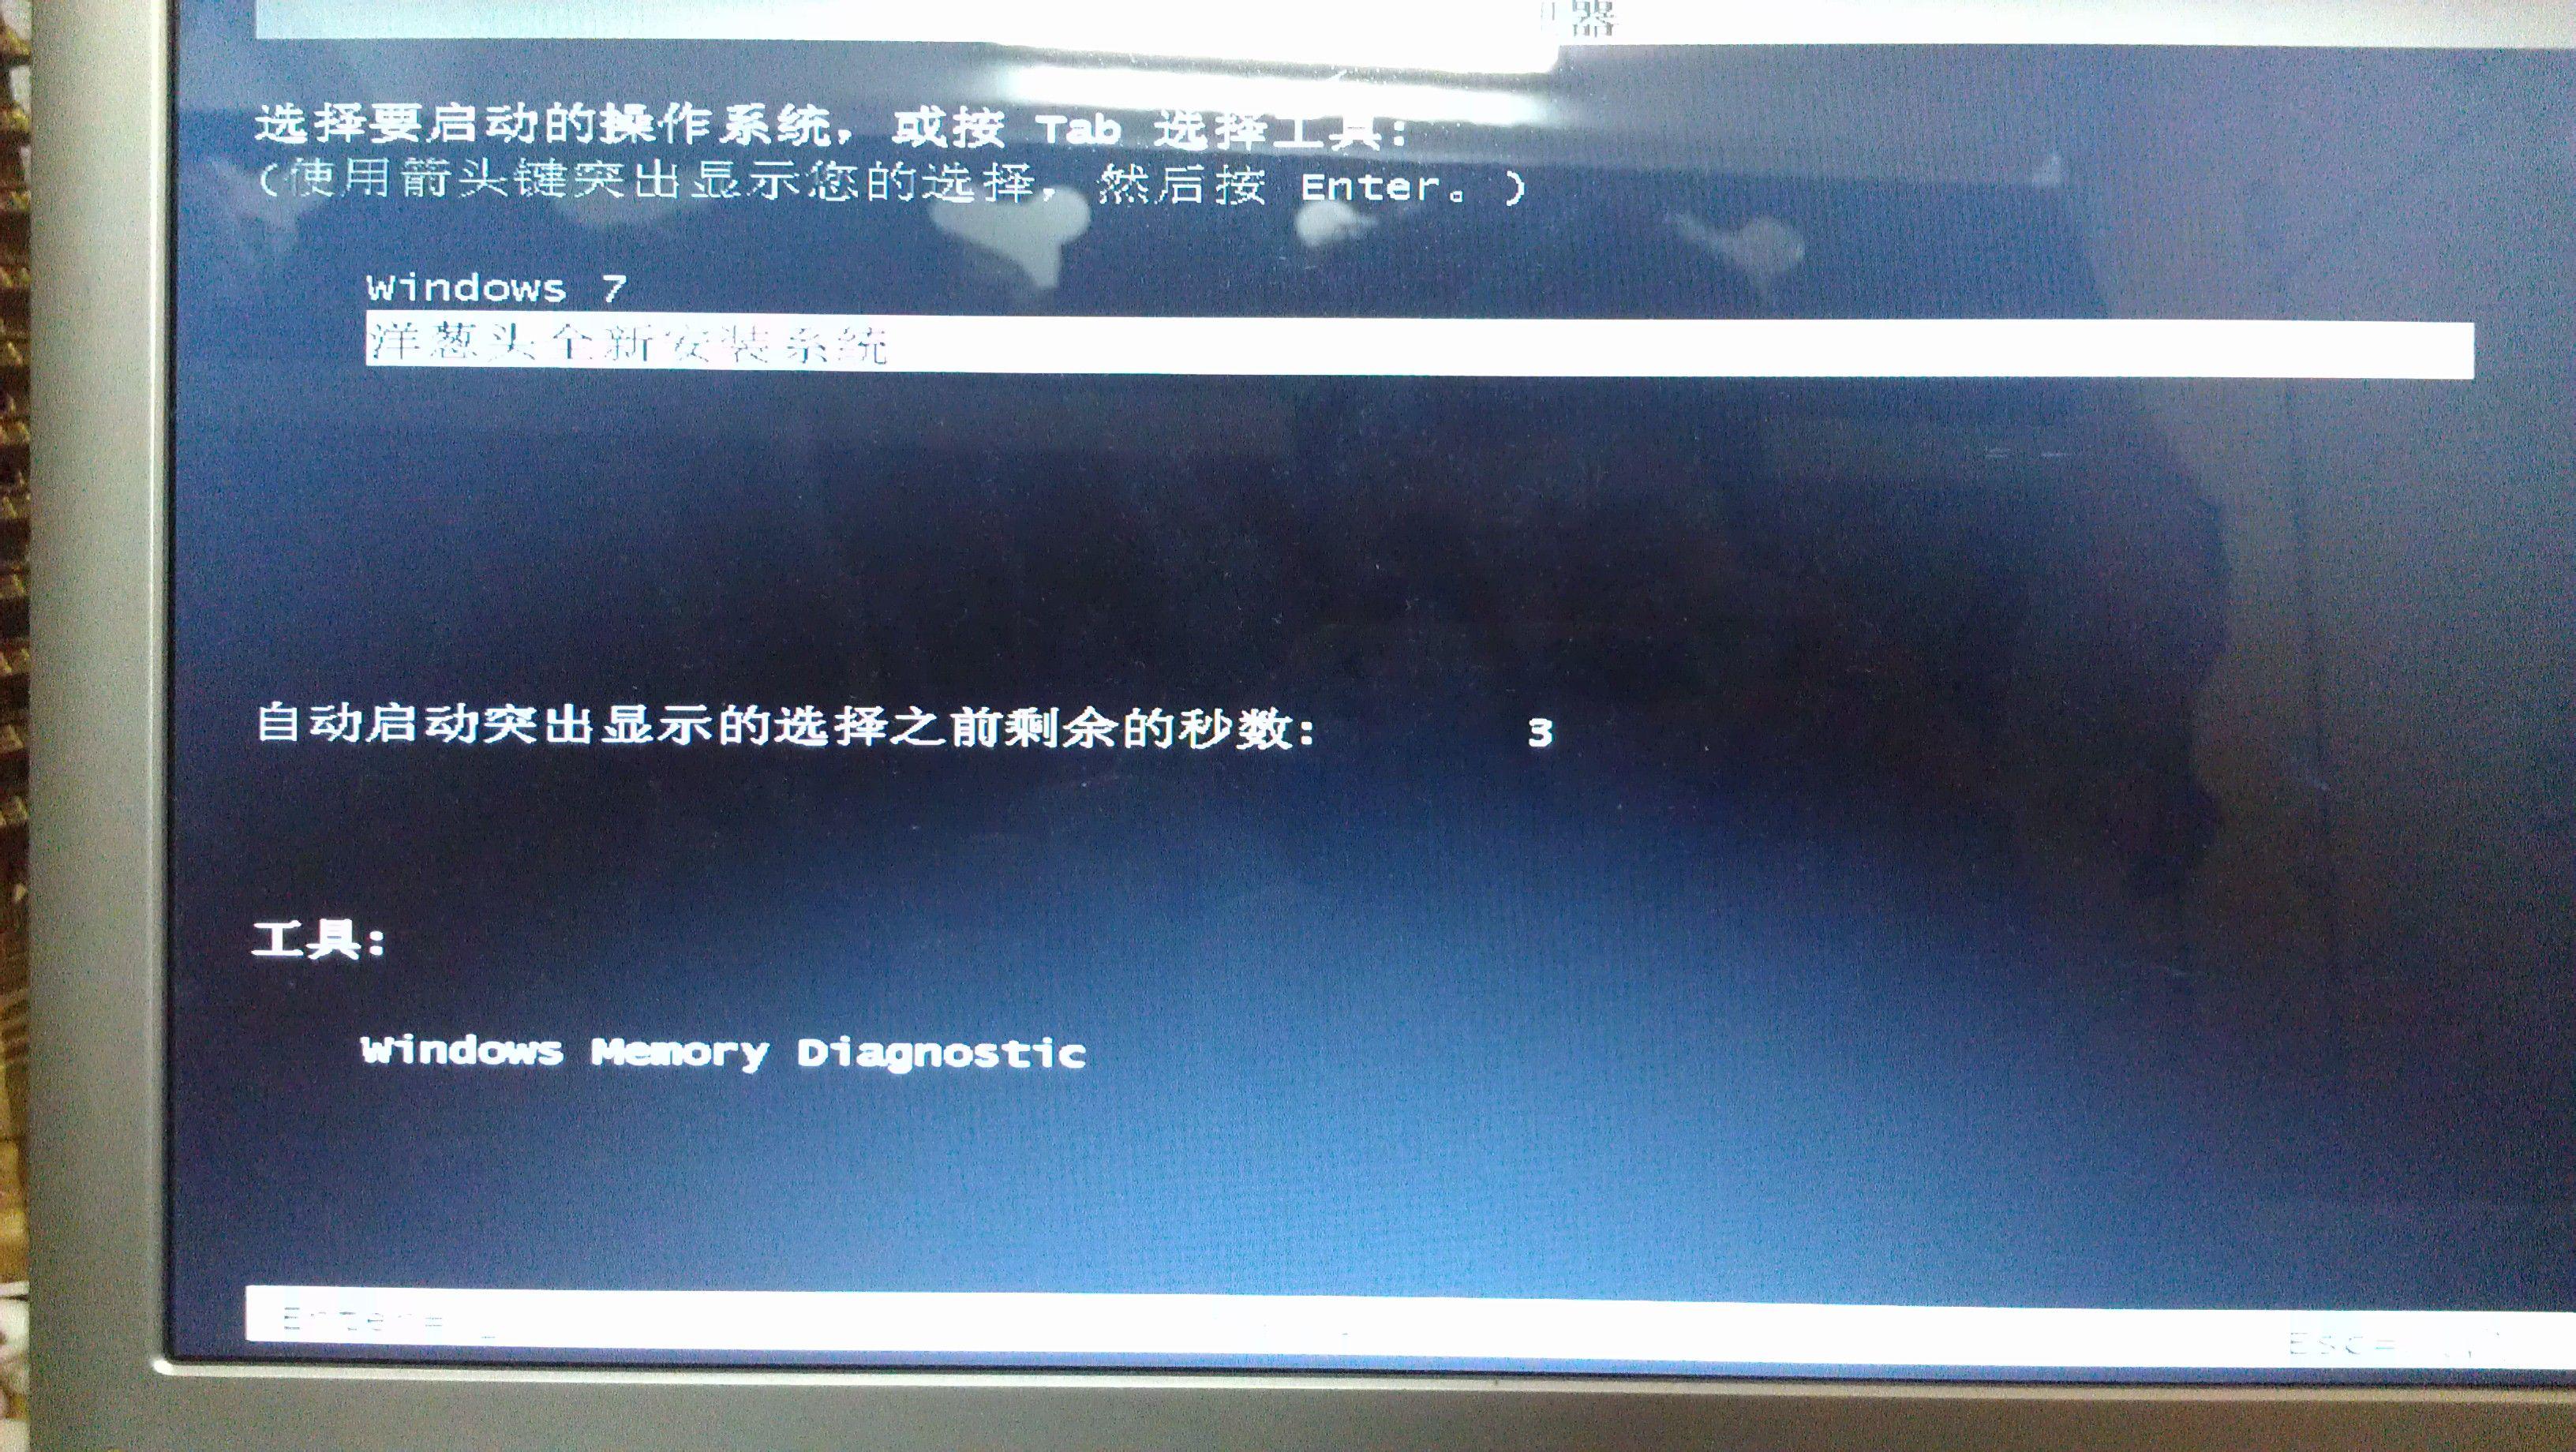 电脑进先开机时显示文件boot.ini非法,从c:\windows去